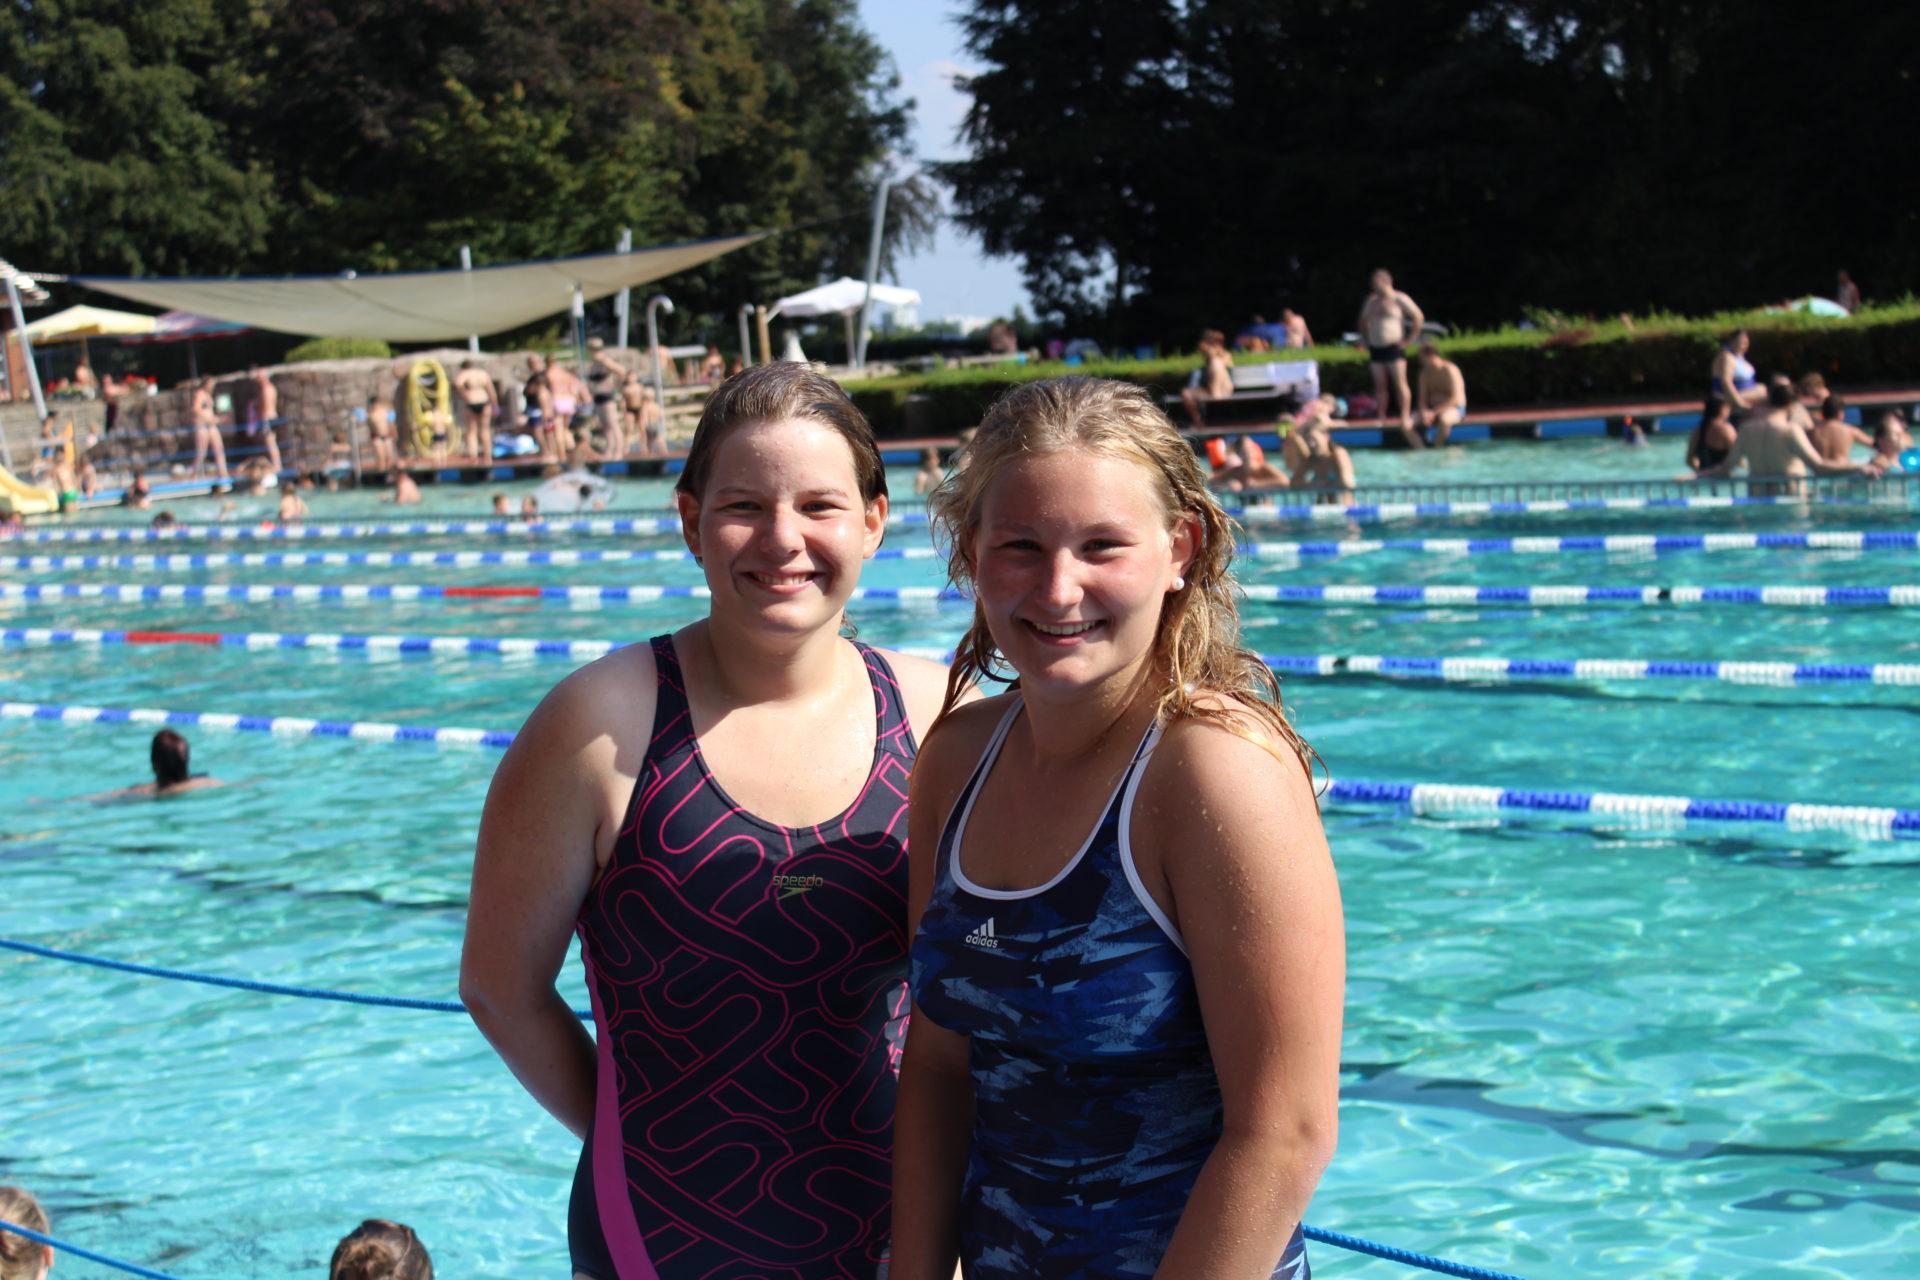 Artikelfoto zum Artikel 24-Stunden-Schwimmen: Sophia Wiers und Cosima Bahr ganz oben